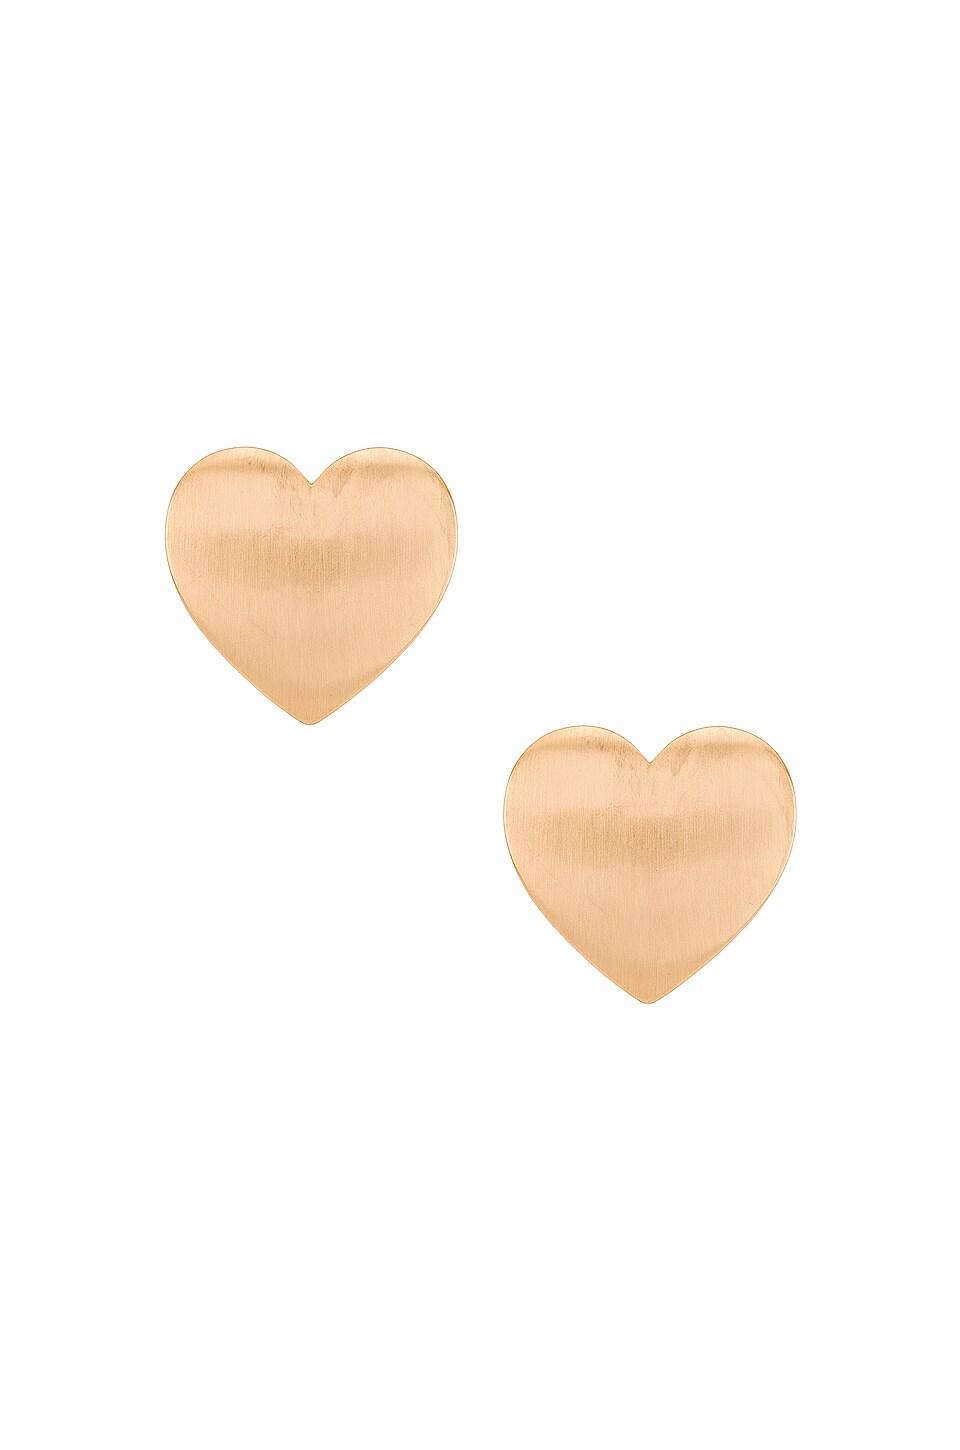 Ettika Heart Stud Earring in Gold